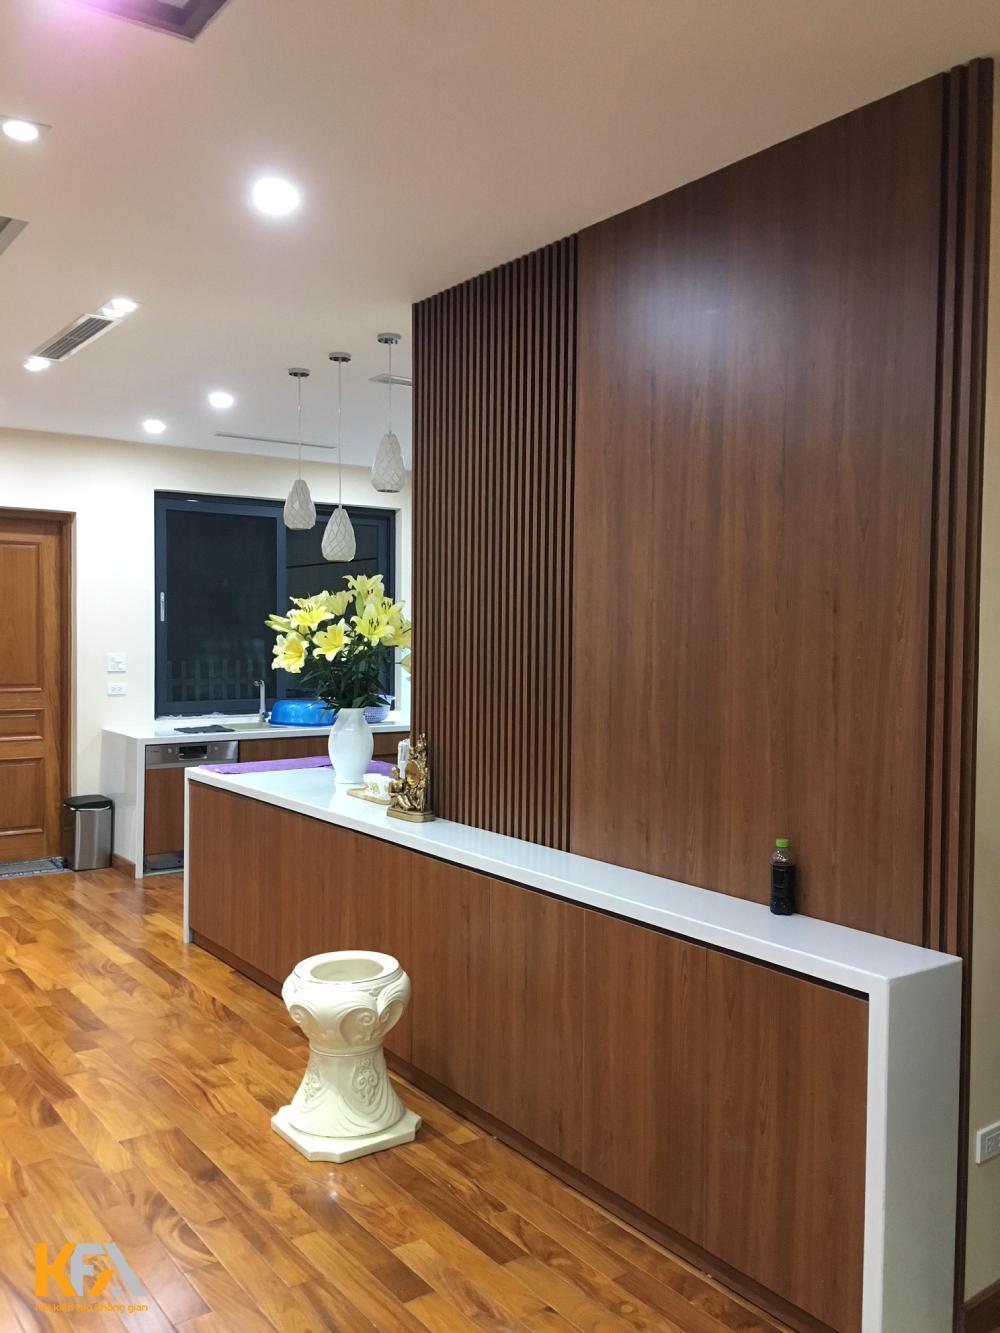 Khu vực nấu ăn còn thiết kế thêm đảo bếp được trang trí như một quầy bar.